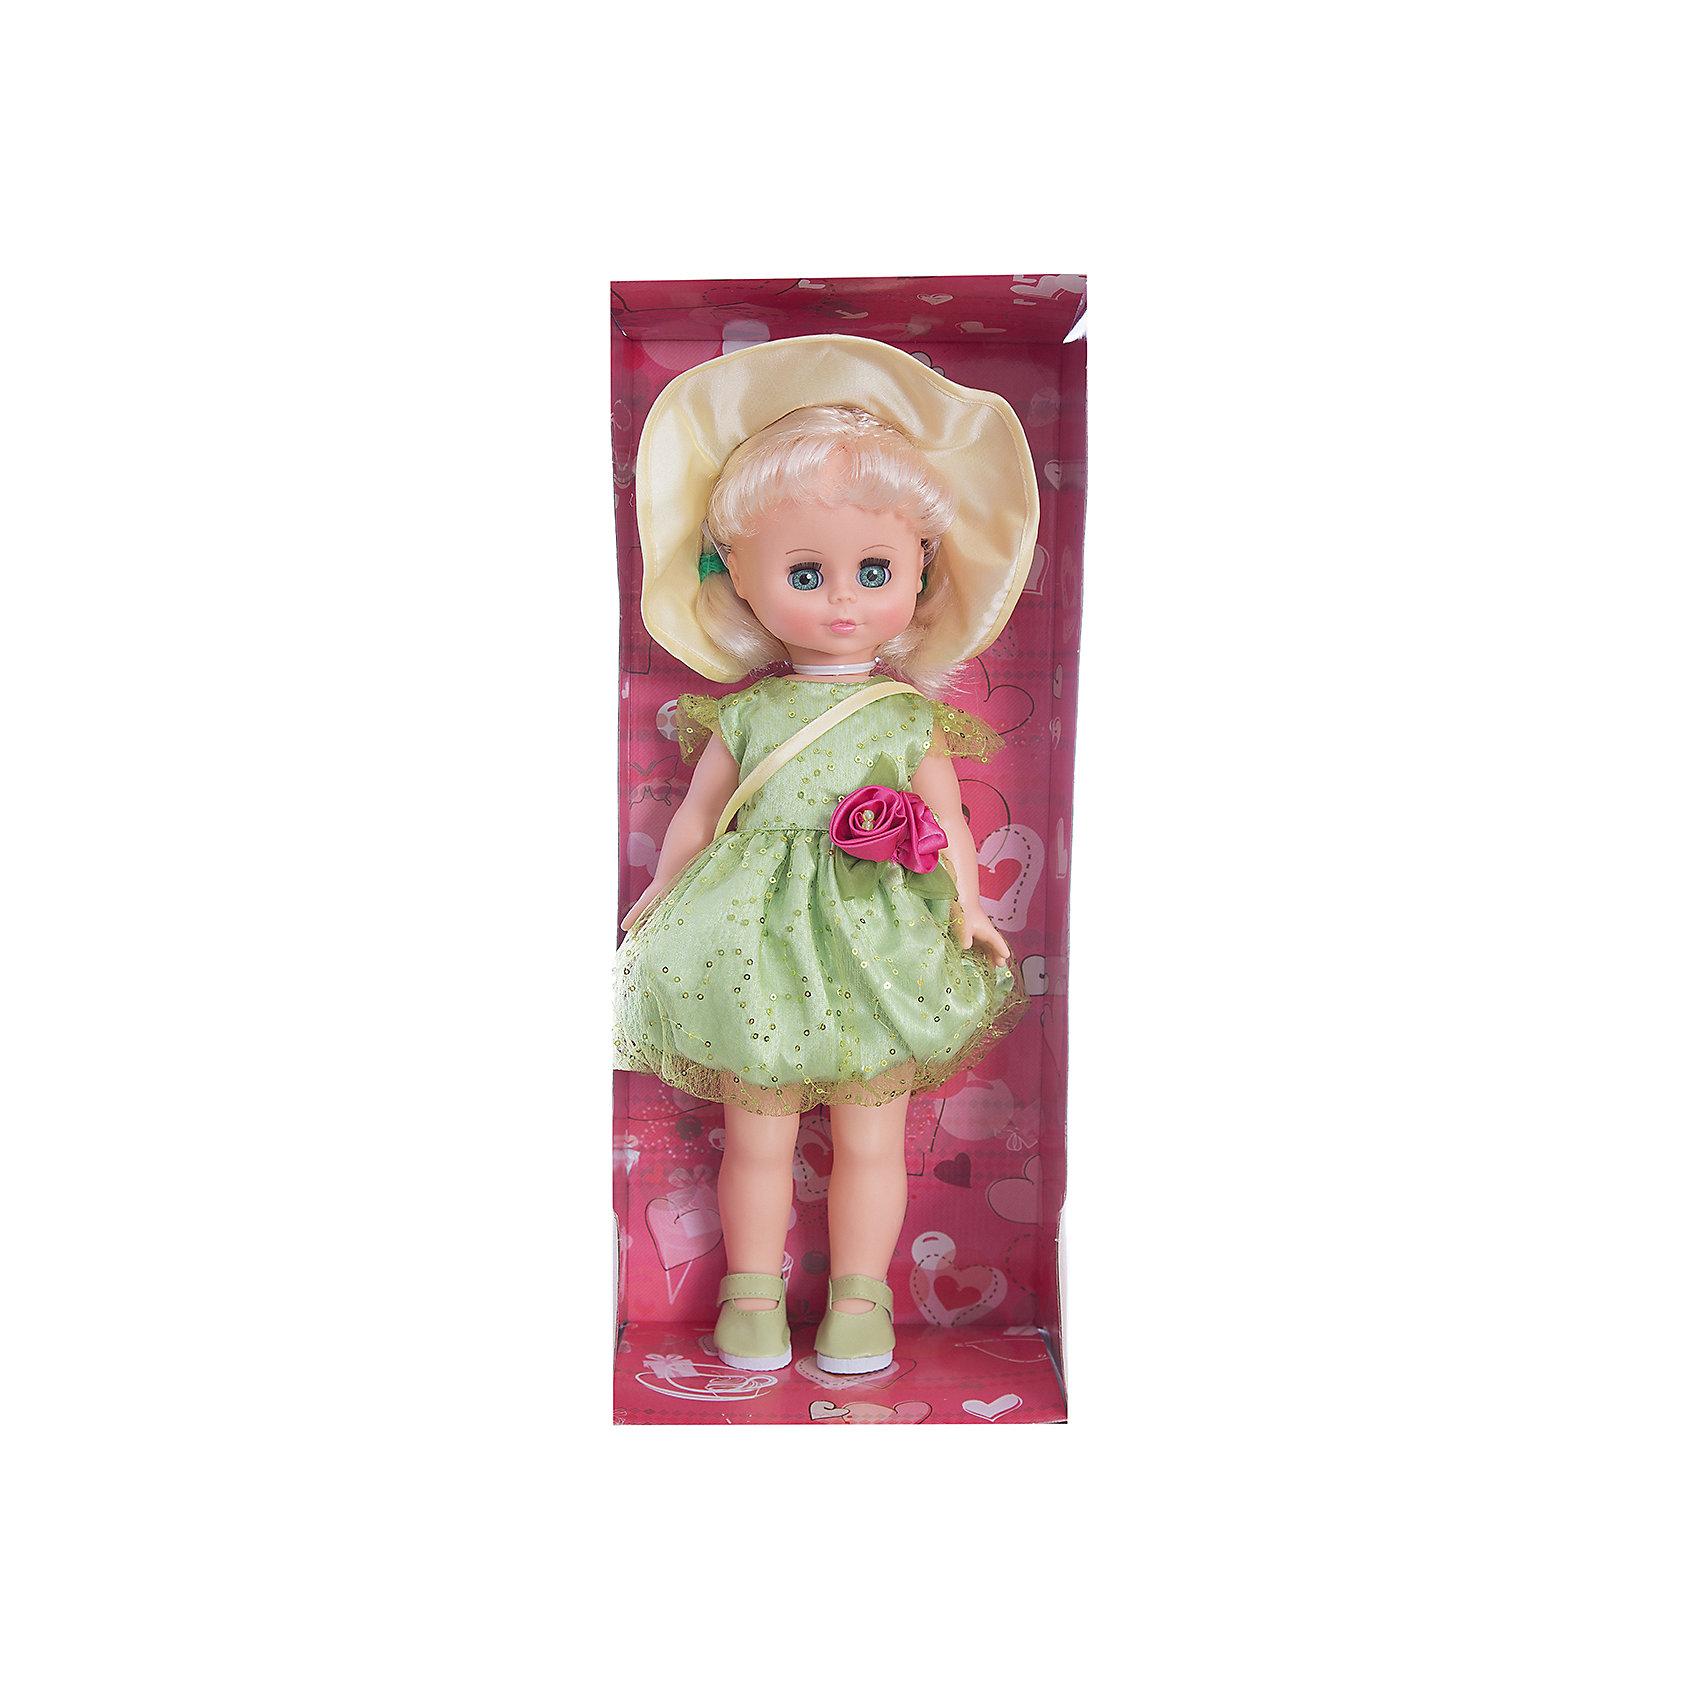 Кукла Оля 11, со звуком, ВеснаКукла для девочки - это не только игрушка, с которой можно весело провести время, кукла - это возможность отрабатывать навыки поведения в обществе, учиться заботе о других, делать прически и одеваться согласно моде и поводу.<br>Эта красивая классическая кукла не только эффектно выглядит, она дополнена звуковым модулем! Игрушка модно одета и снабжена аксессуарами. Такая кукла запросто может стать самой любимой игрушкой! Произведена из безопасных для ребенка и качественных материалов.<br><br>Дополнительная информация:<br><br>цвет: разноцветный;<br>материал: пластик, текстиль;<br>комплектация: кукла, одежда, аксессуары;<br>высота: 43 см.<br><br>Куклу Оля 11, со звуком, от компании Весна можно купить в нашем магазине.<br><br>Ширина мм: 440<br>Глубина мм: 240<br>Высота мм: 440<br>Вес г: 750<br>Возраст от месяцев: 36<br>Возраст до месяцев: 120<br>Пол: Женский<br>Возраст: Детский<br>SKU: 4642026